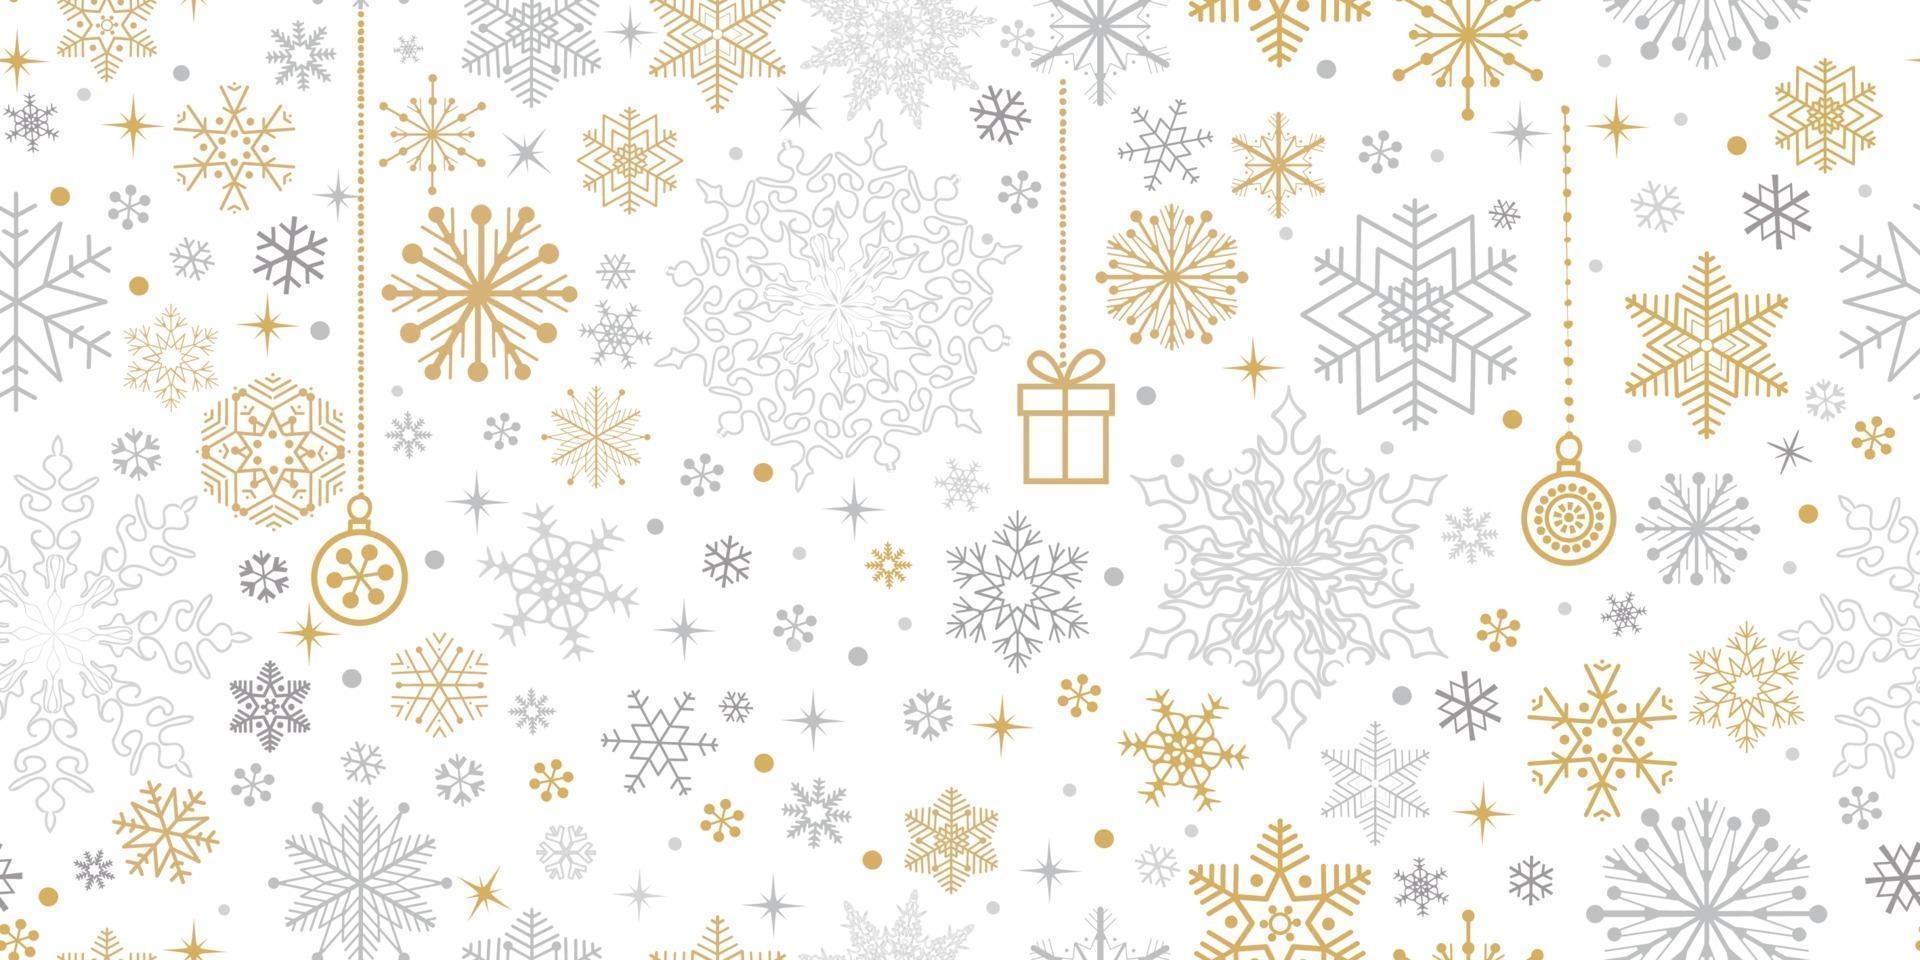 Navidad de patrones sin fisuras. iconos de vacaciones y fondo de cristal de encaje vector